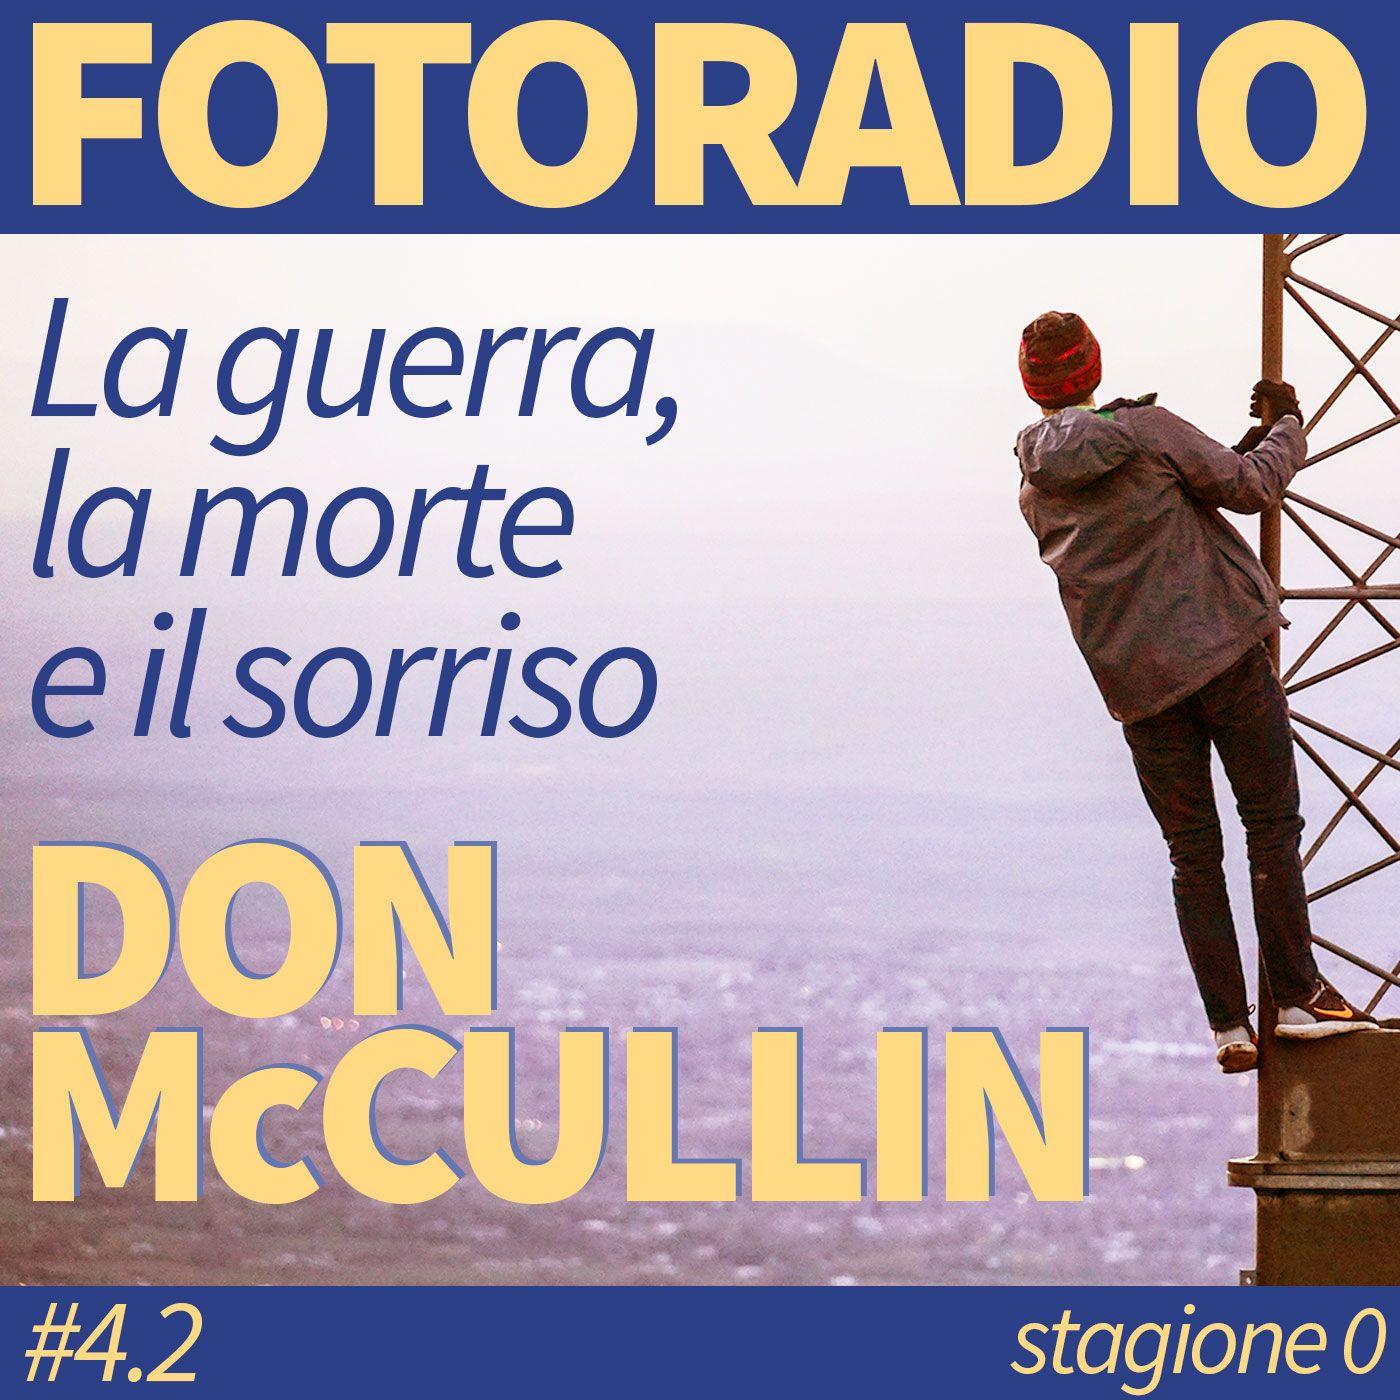 DON MCCULLIN /2. La guerra, la morte e il sorriso